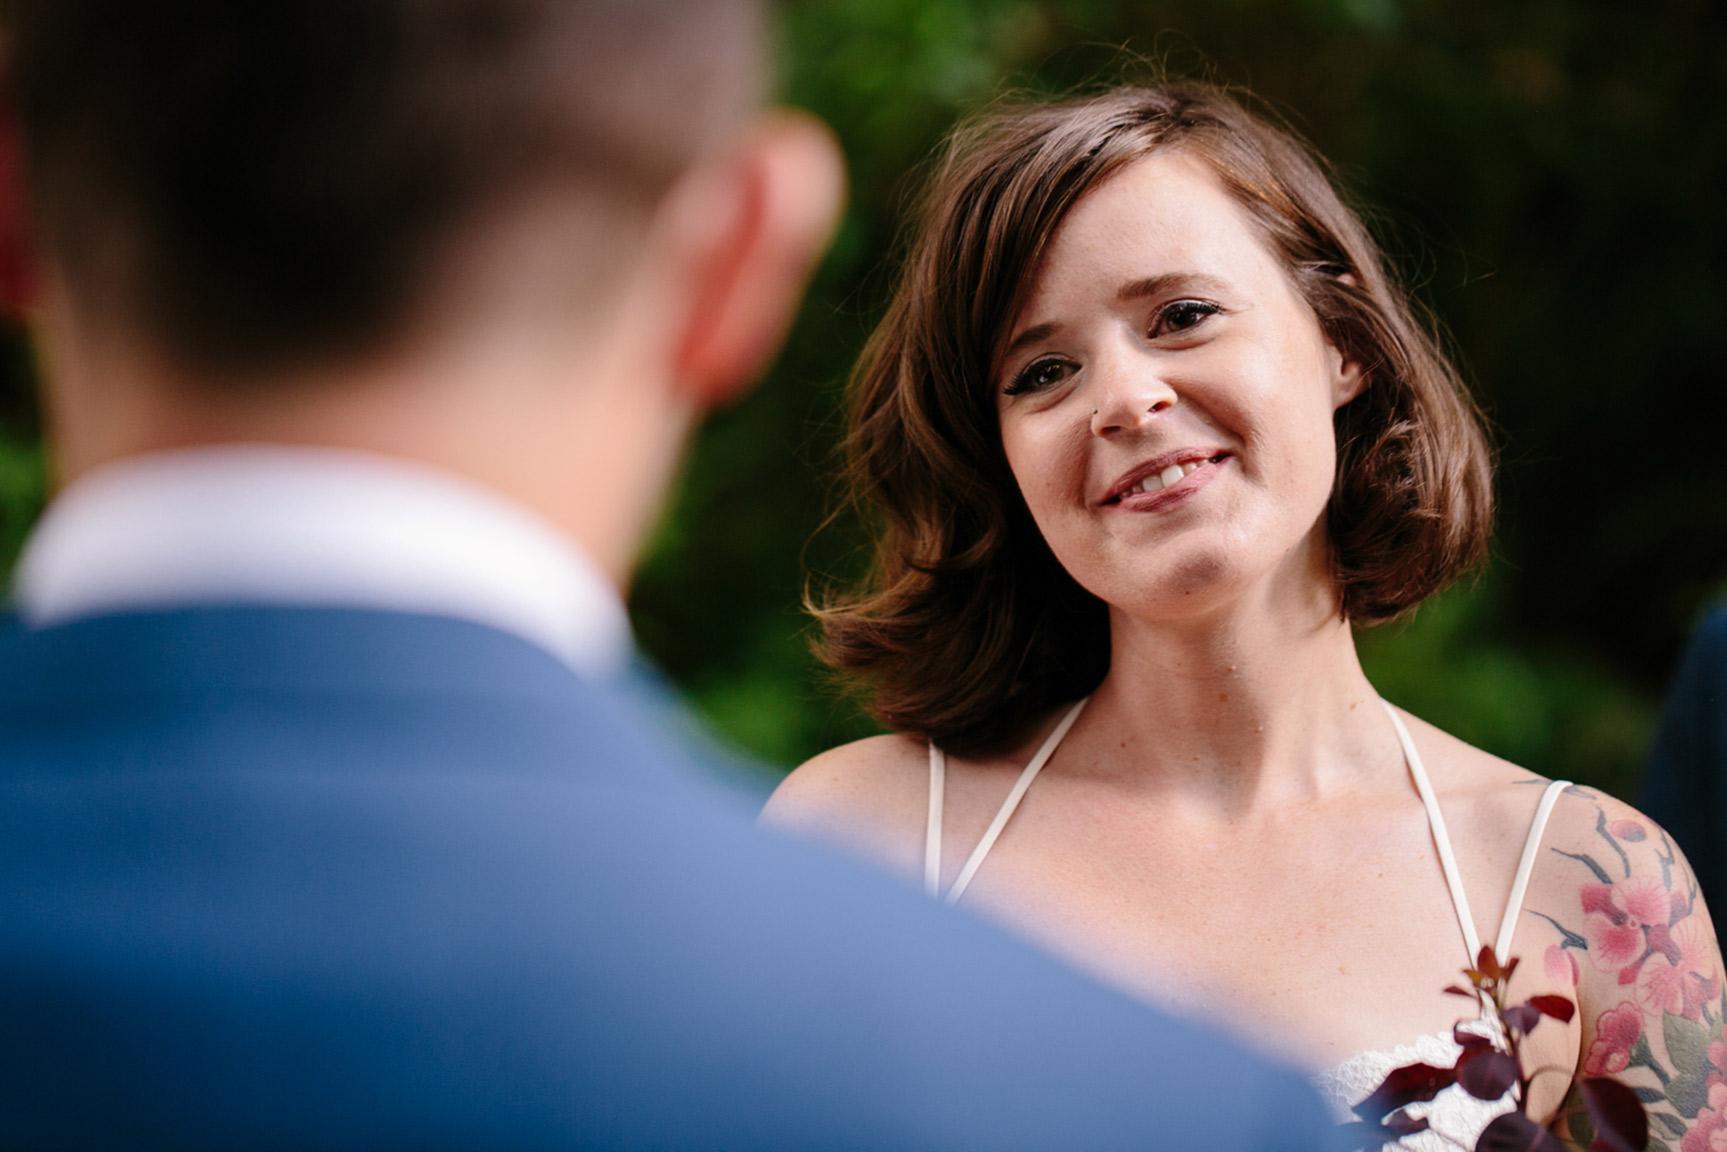 Washington_WeddingPhotographer_033.jpg